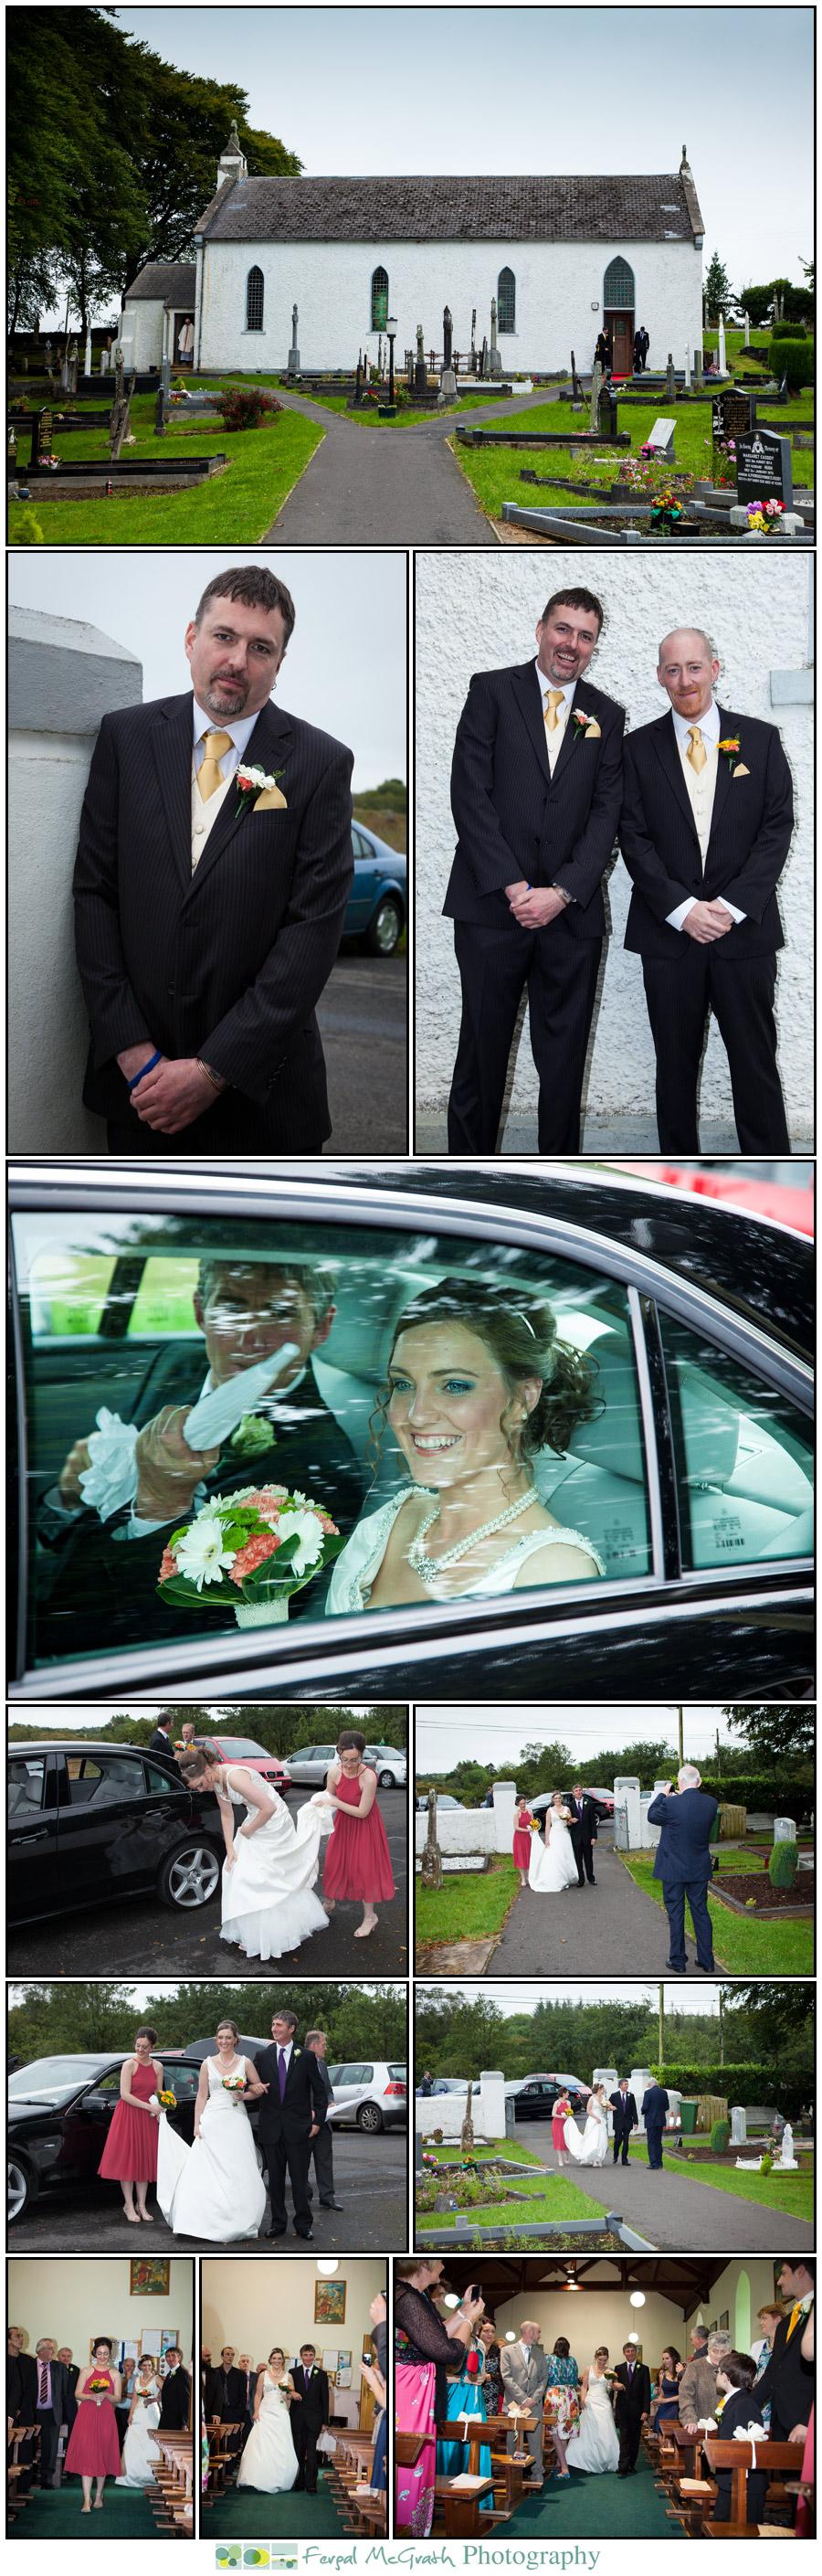 sarah and david moon wedding photos 4